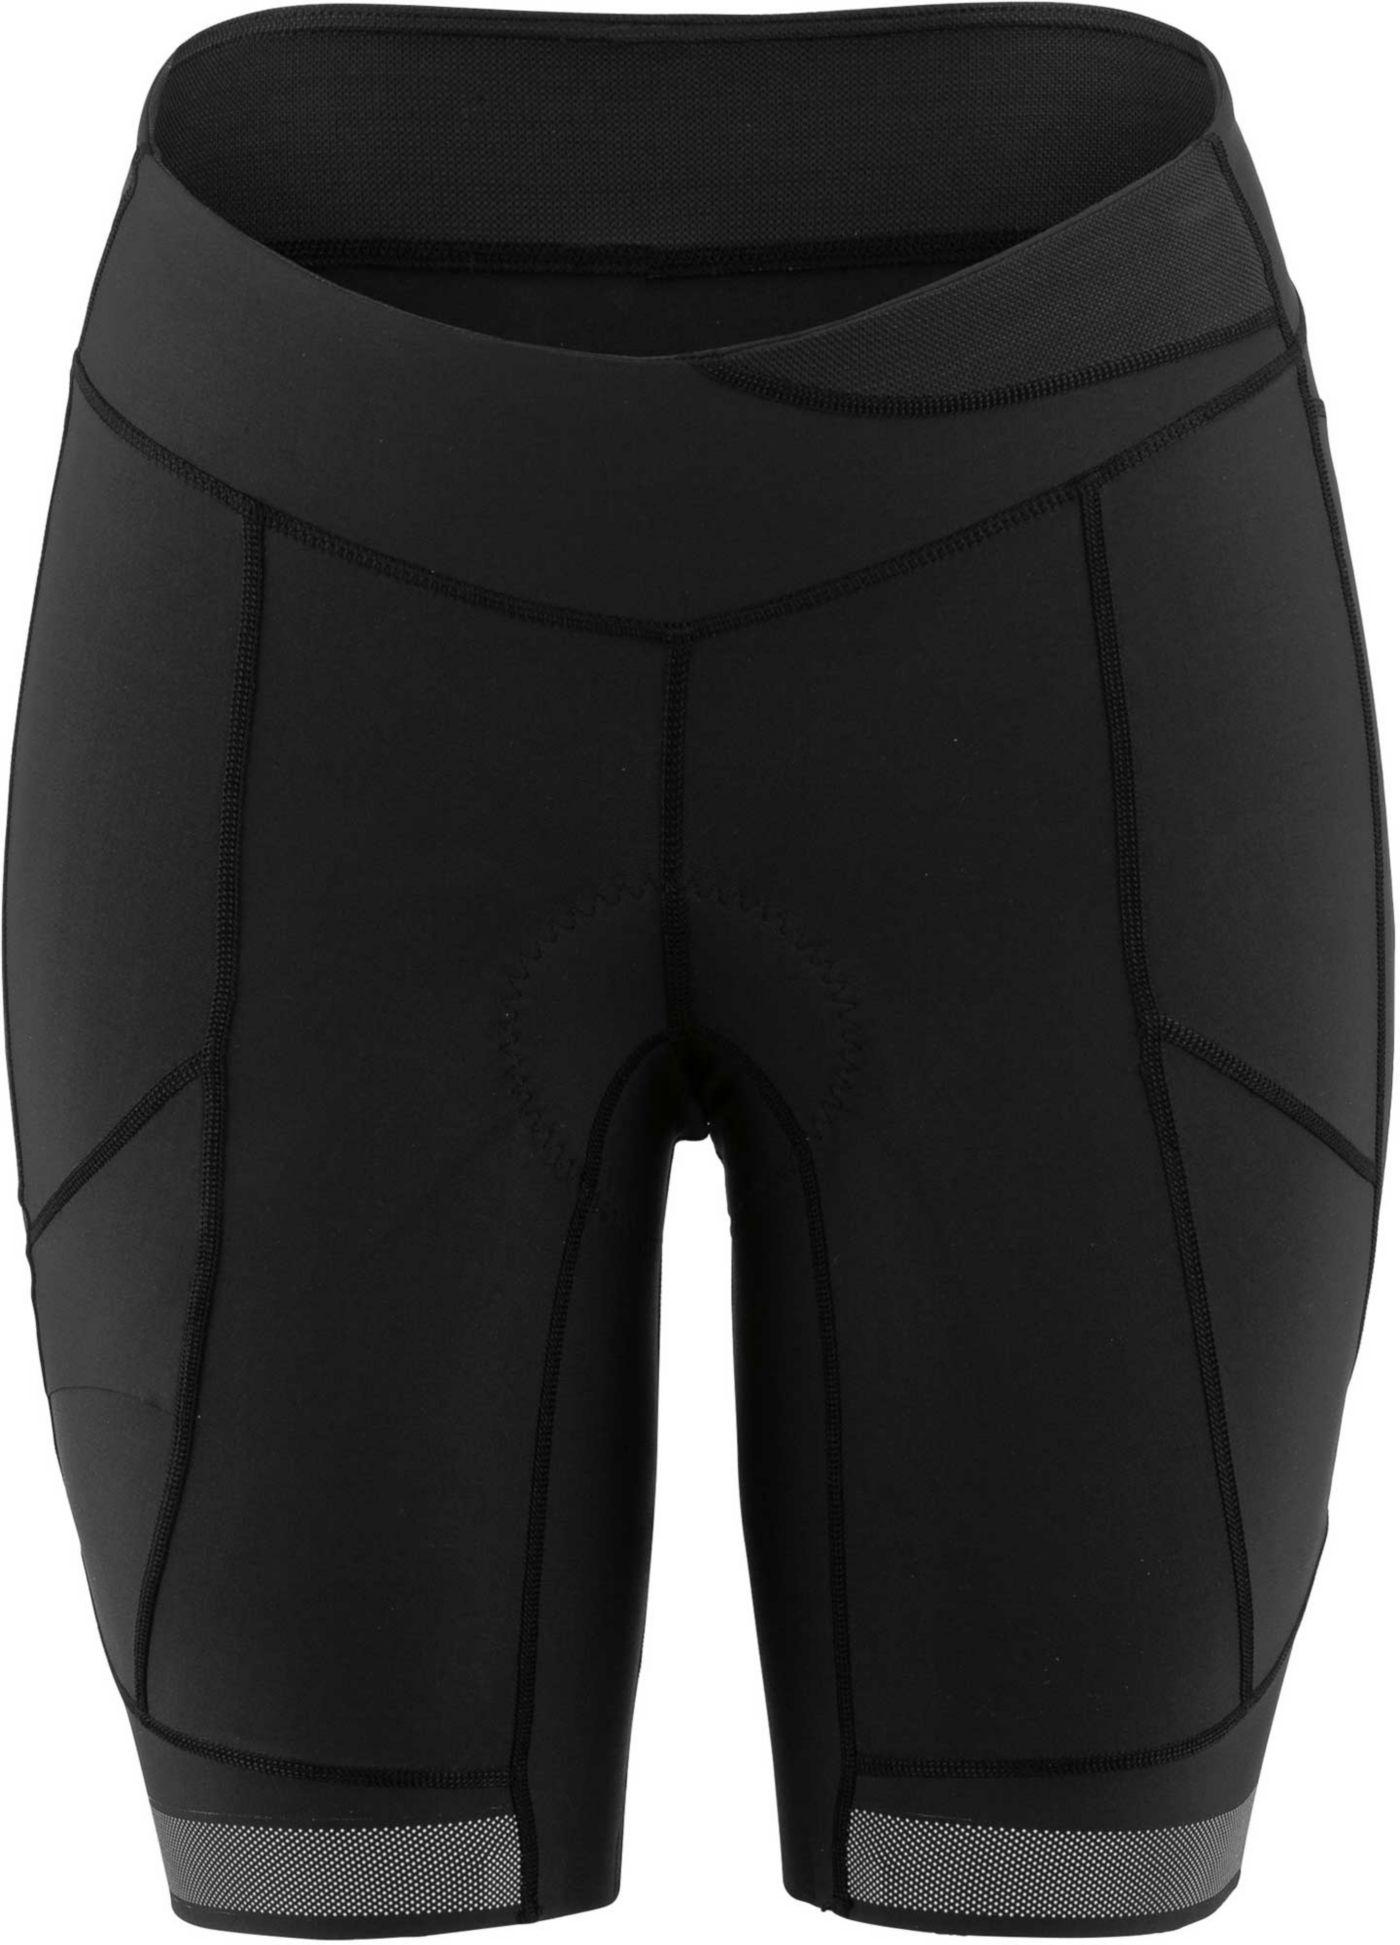 Louis Garneau Women's CB Neo Power Cycling Shorts